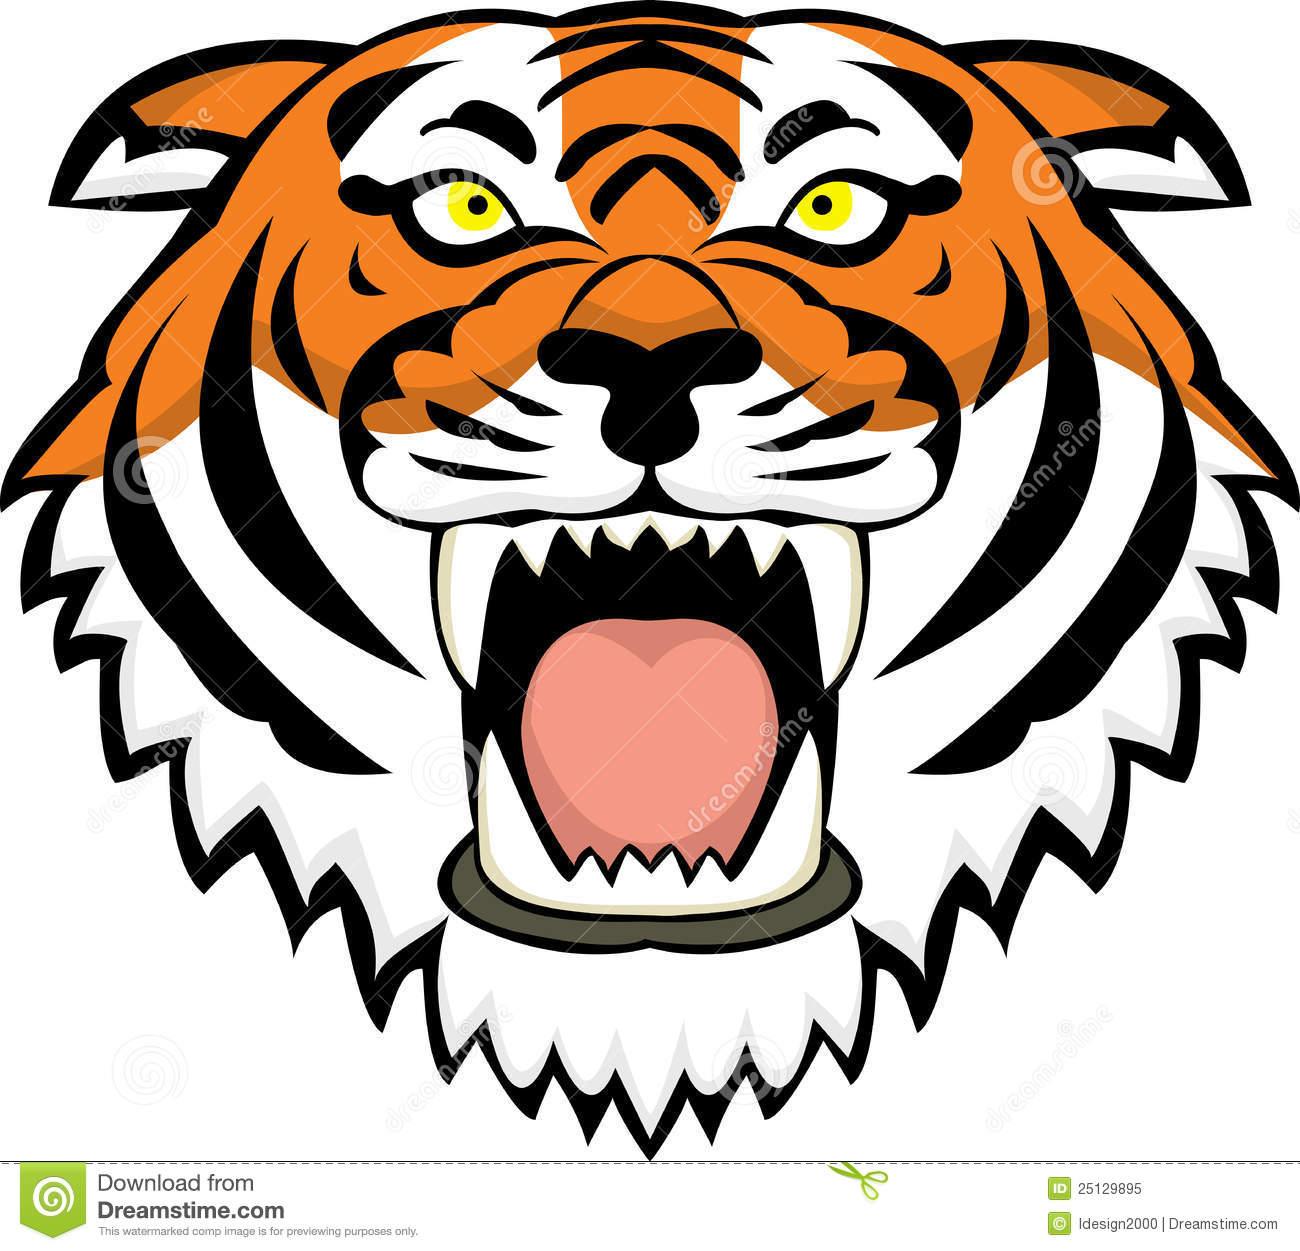 tiger head clip art clipart panda free clipart images rh clipartpanda com angry tiger head clipart tiger head logo clipart